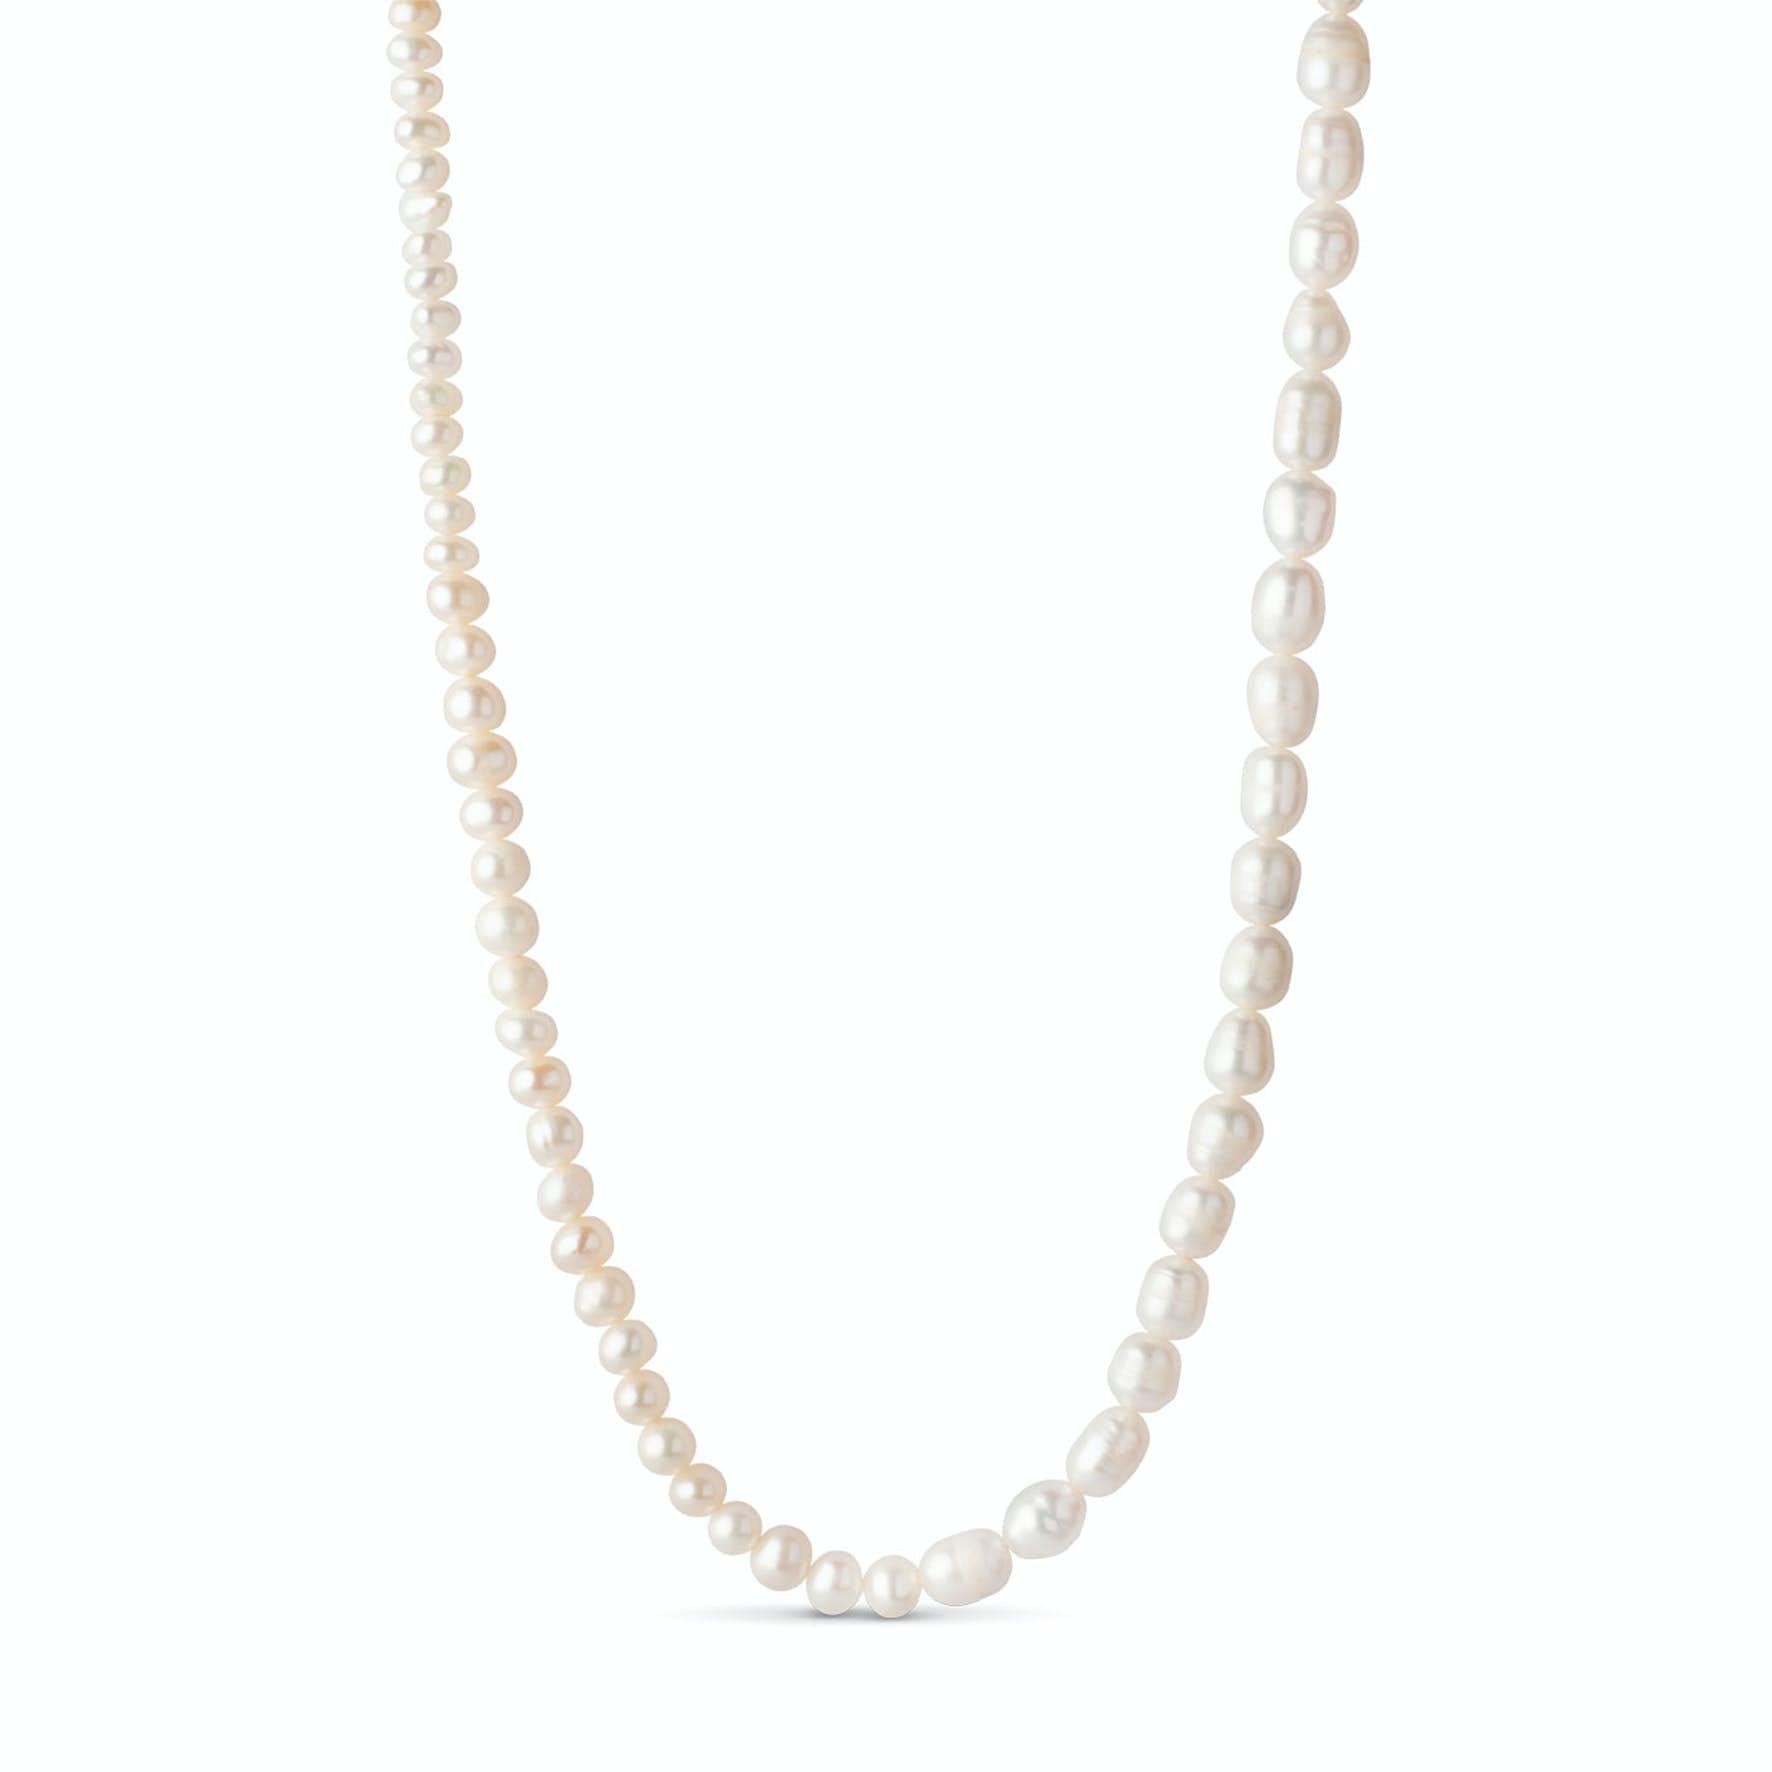 Pearlie Necklace von Enamel Copenhagen in Vergoldet-Silber Sterling 925